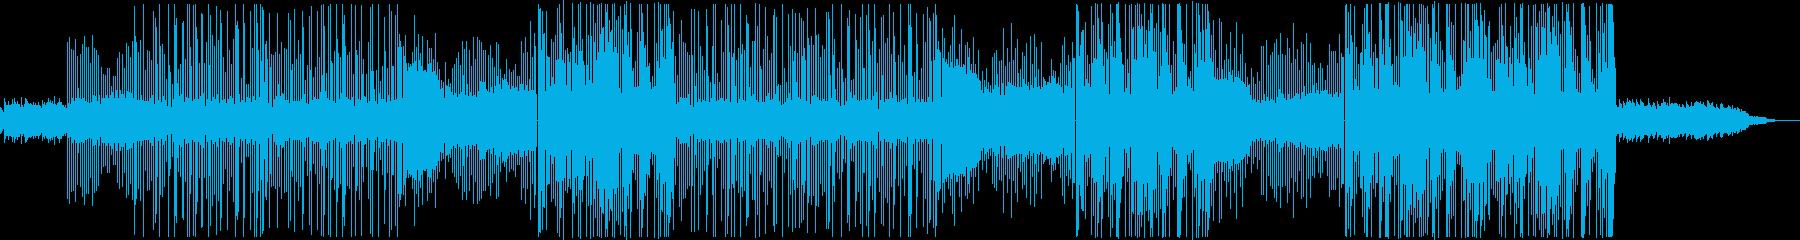 ロックとトラップを融合したビートの再生済みの波形